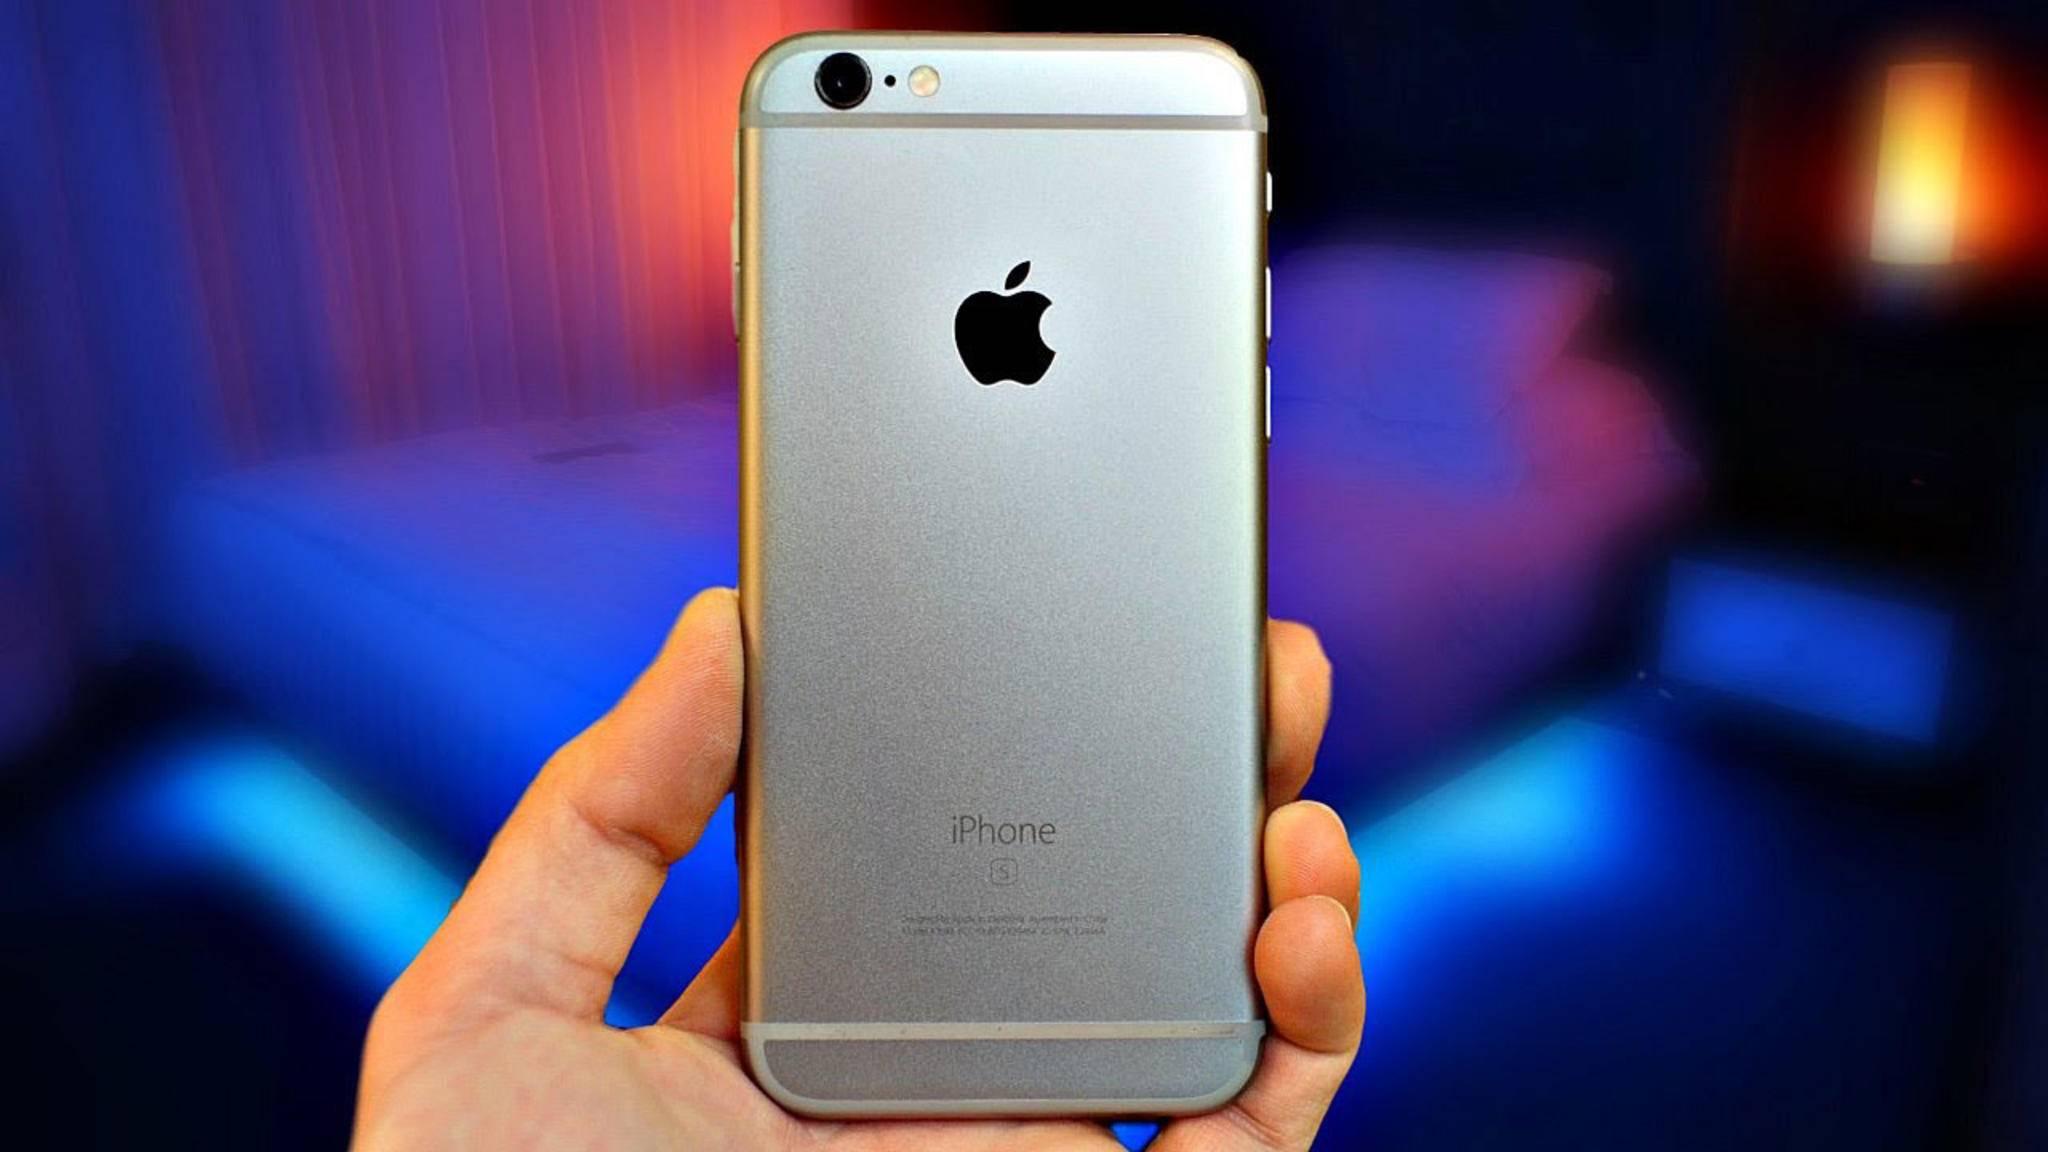 Bei älteren iPhone-Akkus wird zugleich die Performance gedrosselt, um plötzliche Abschaltungen zu verhindern.